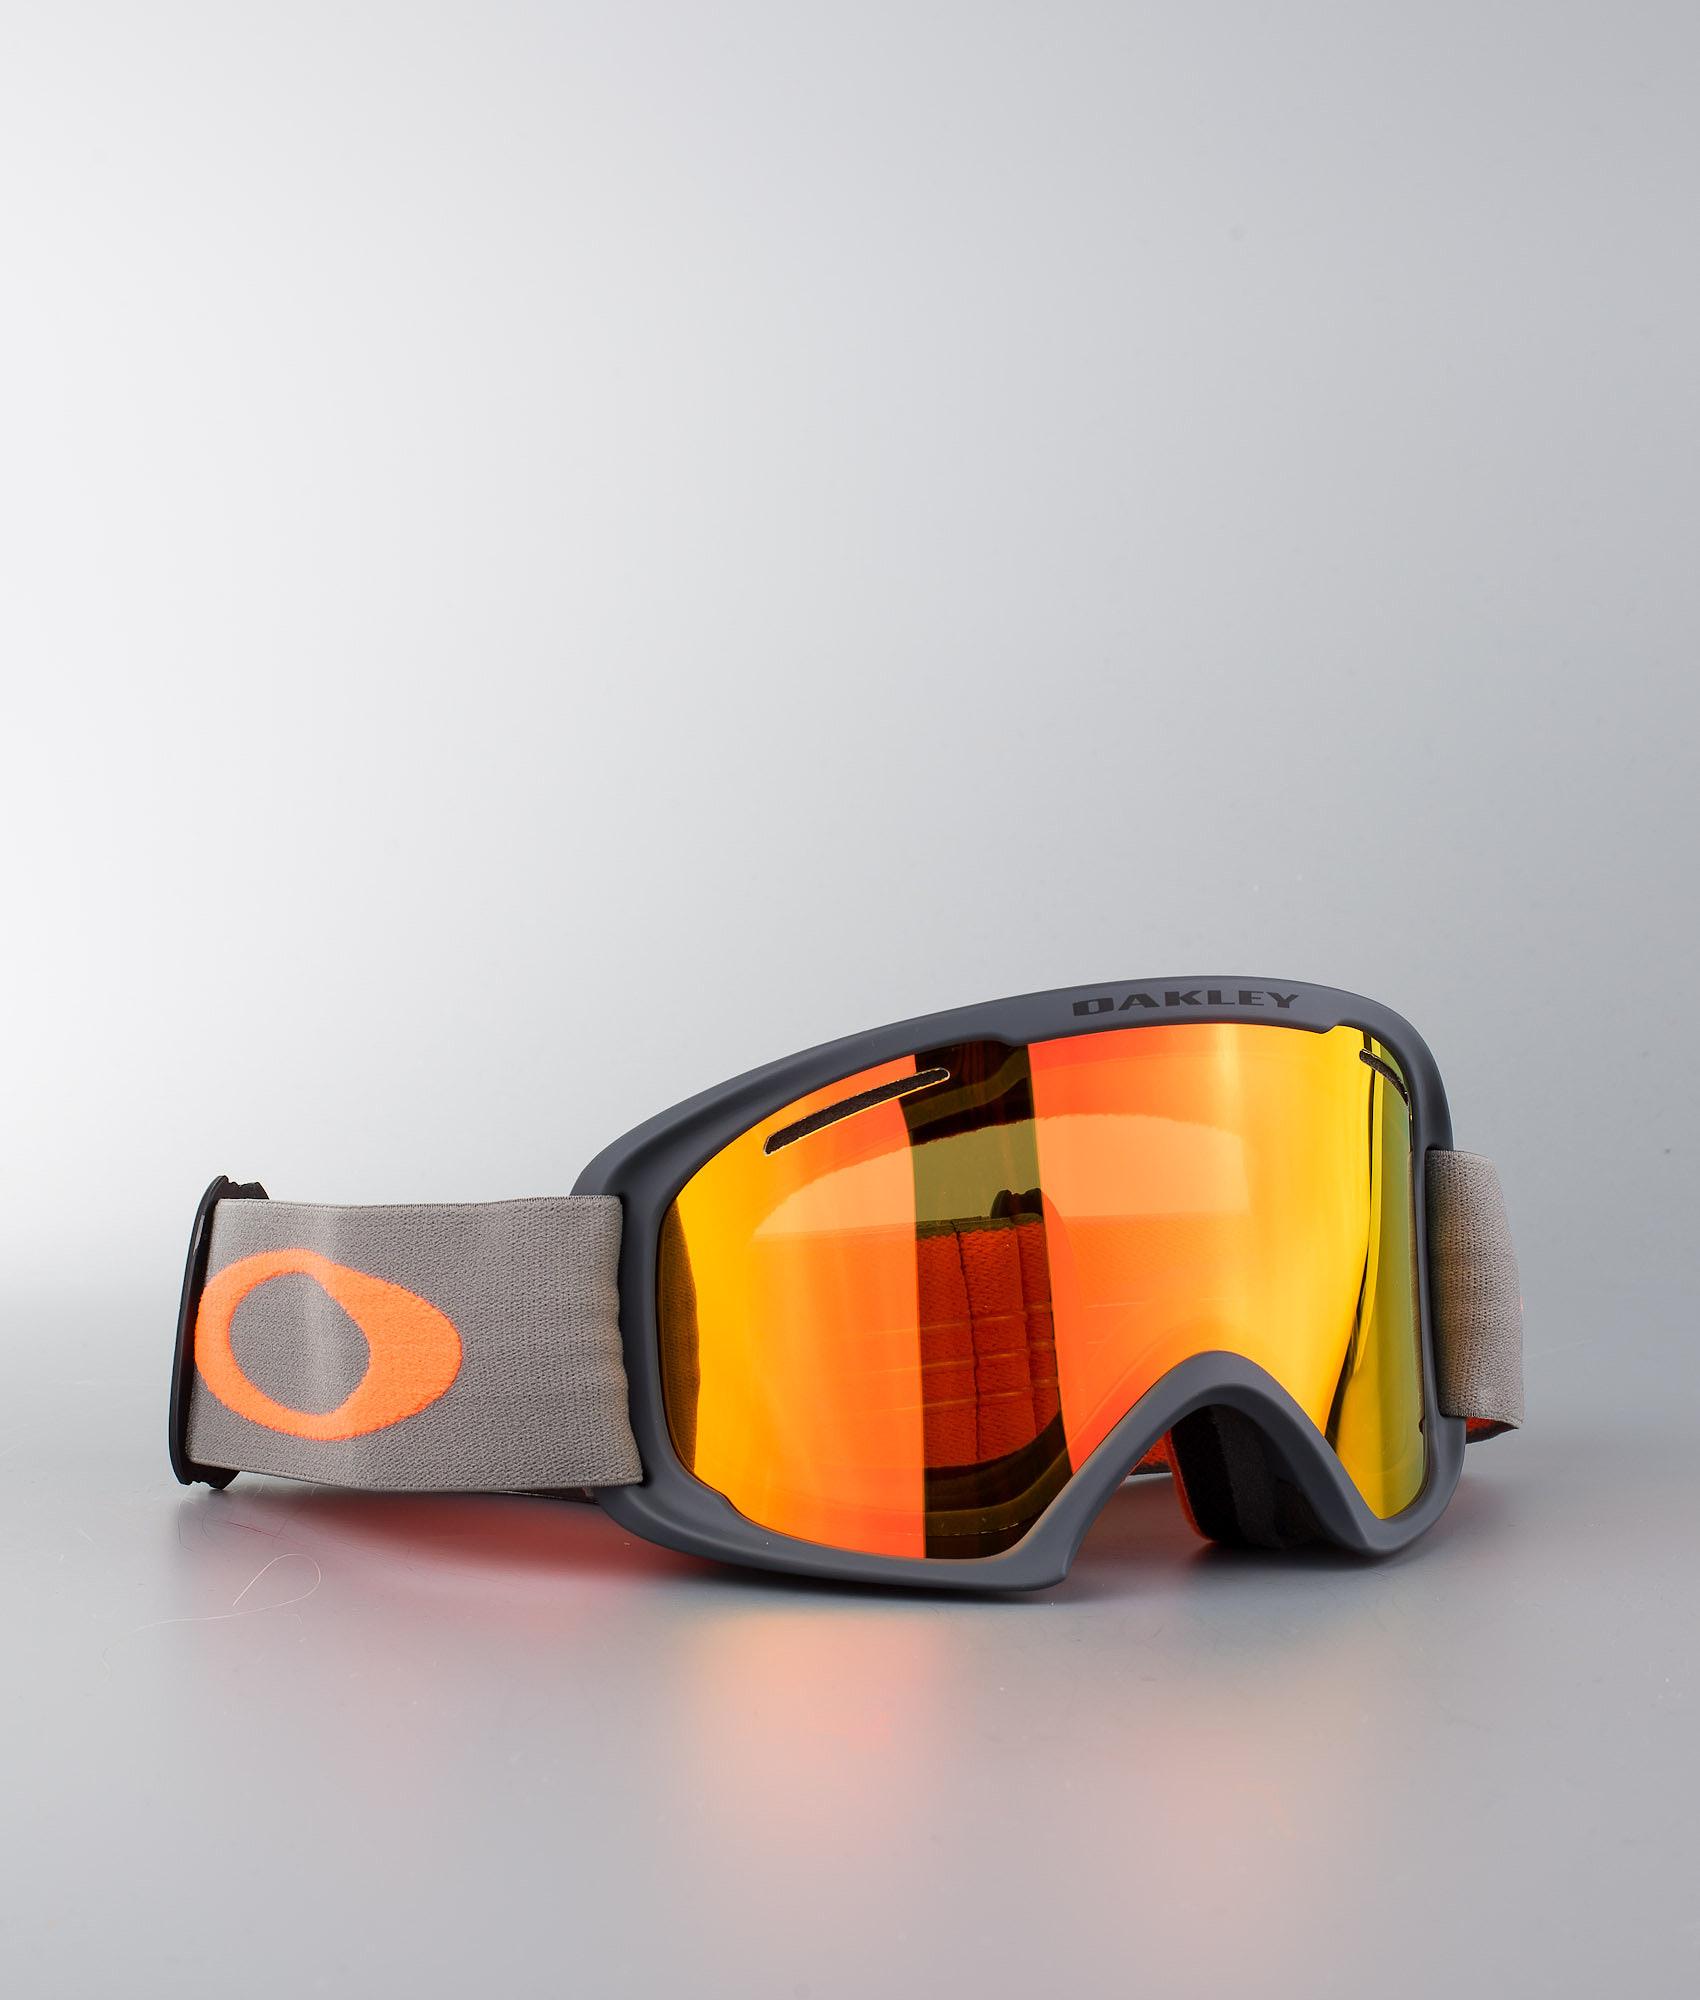 e85cca19a2 Oakley O Frame 2.0 XL Ski Goggle Forged Iron Brush W Fire Iridium ...